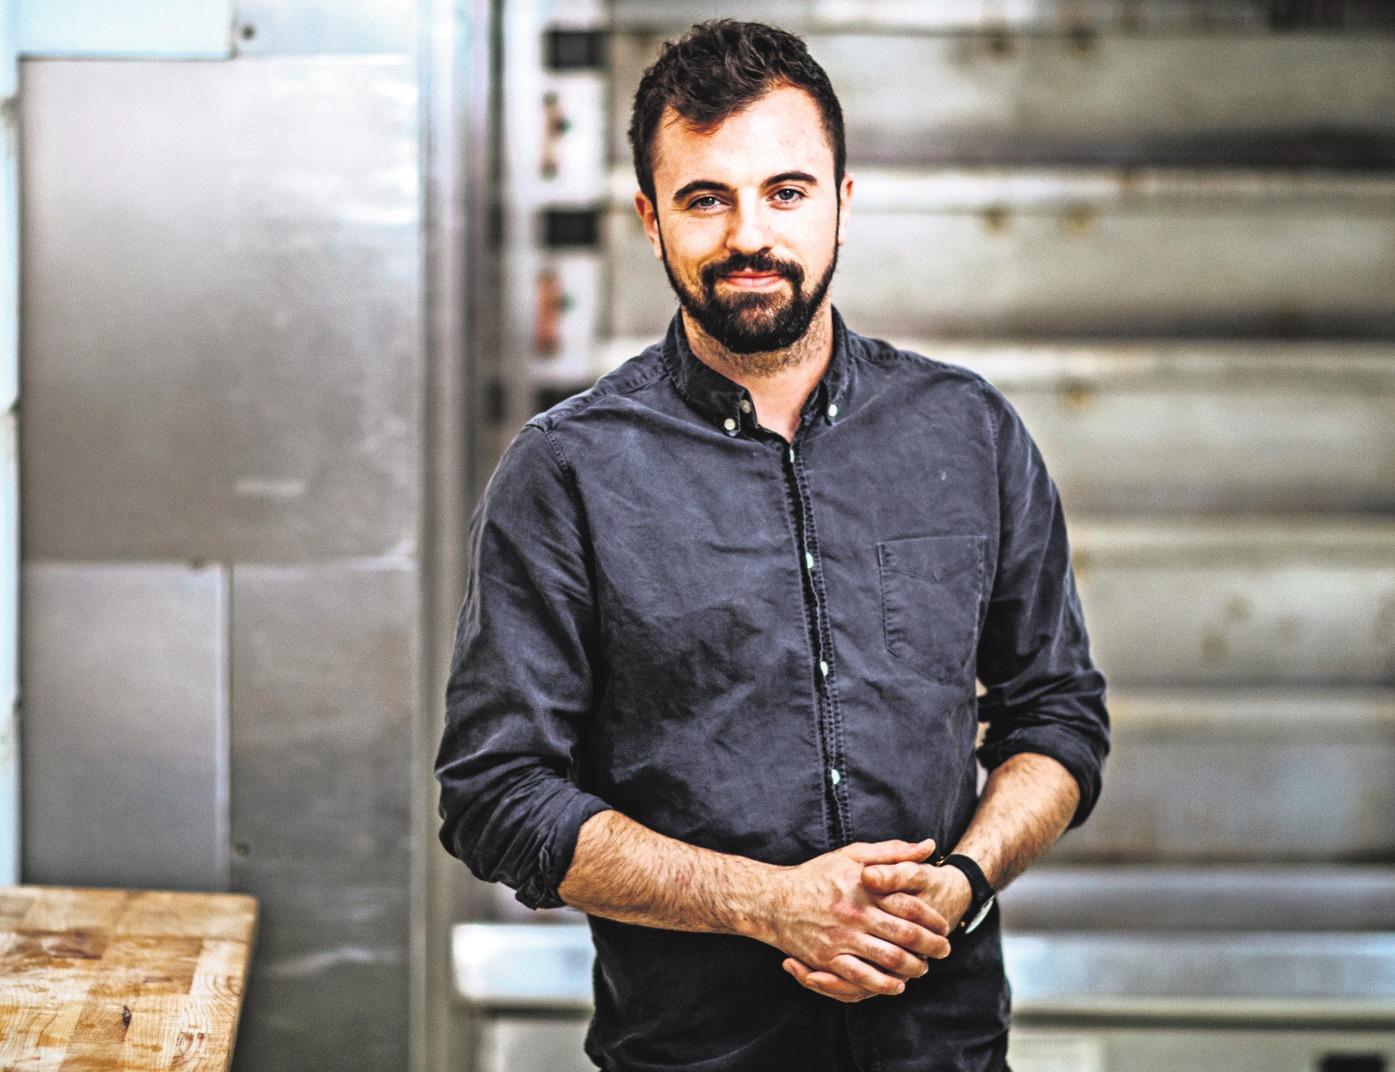 Bäcker Francesco Ingrassia geht neue Wege: Er setzt auf Bio-Qualität, lebt sein Handwerk und zeigt das seinen Kunden. Foto: Königsbäck